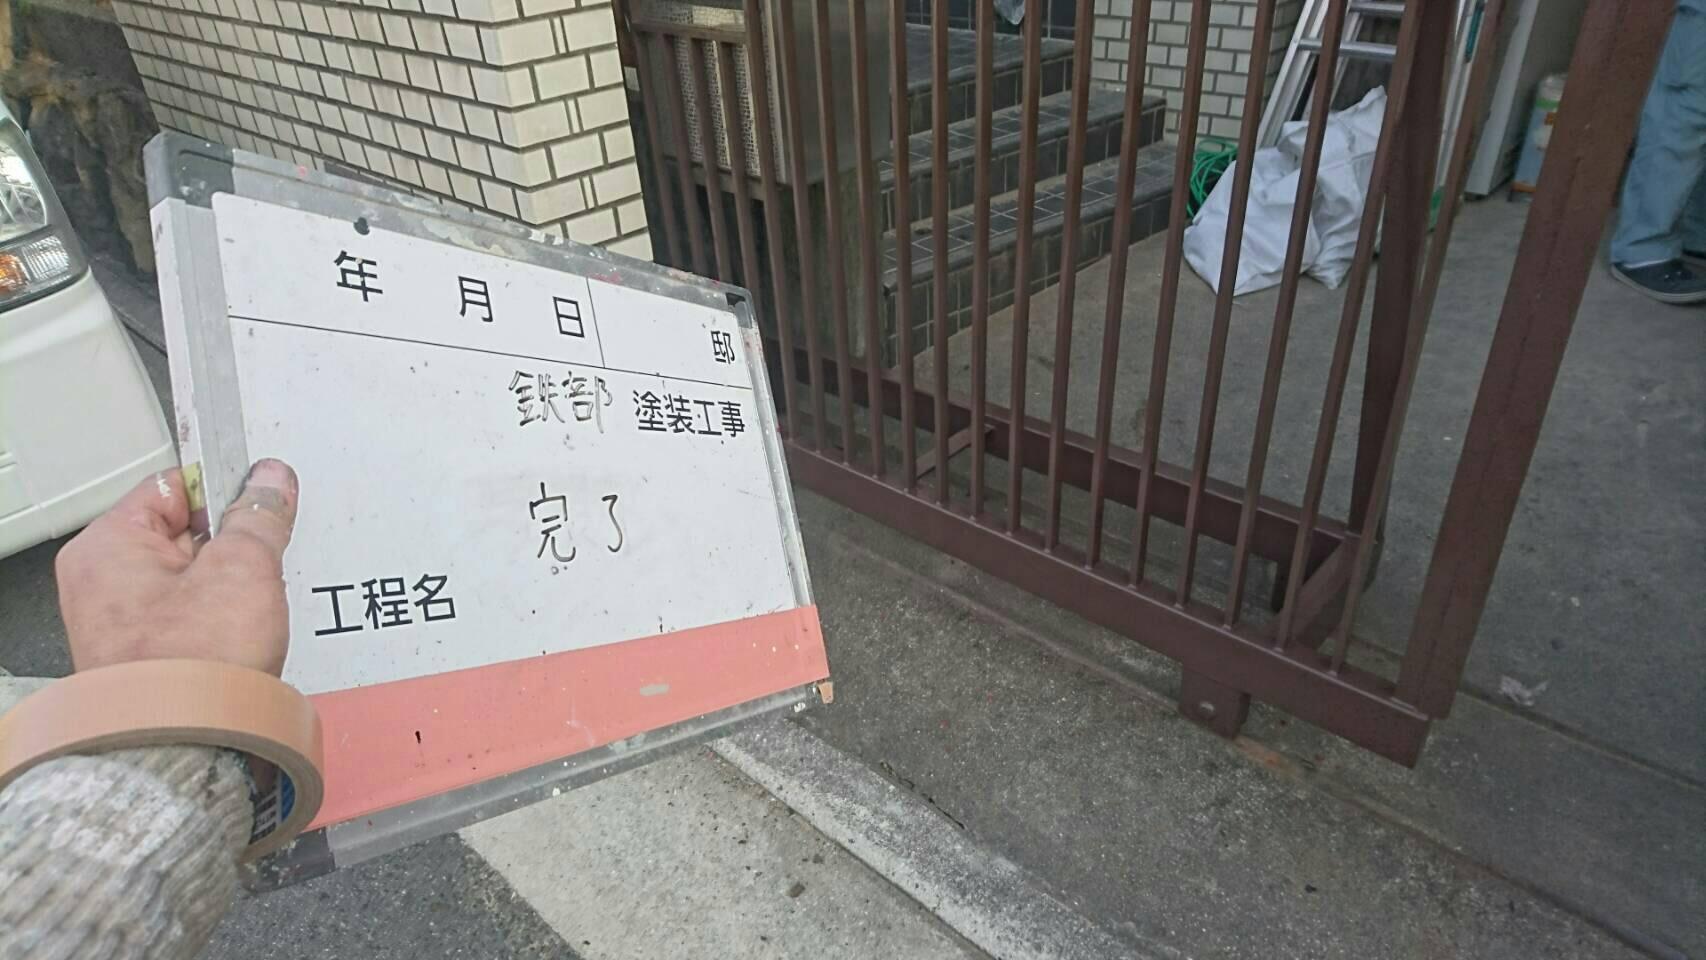 大阪府堺市 S様玄関門 鉄部塗装工事 - AFTER